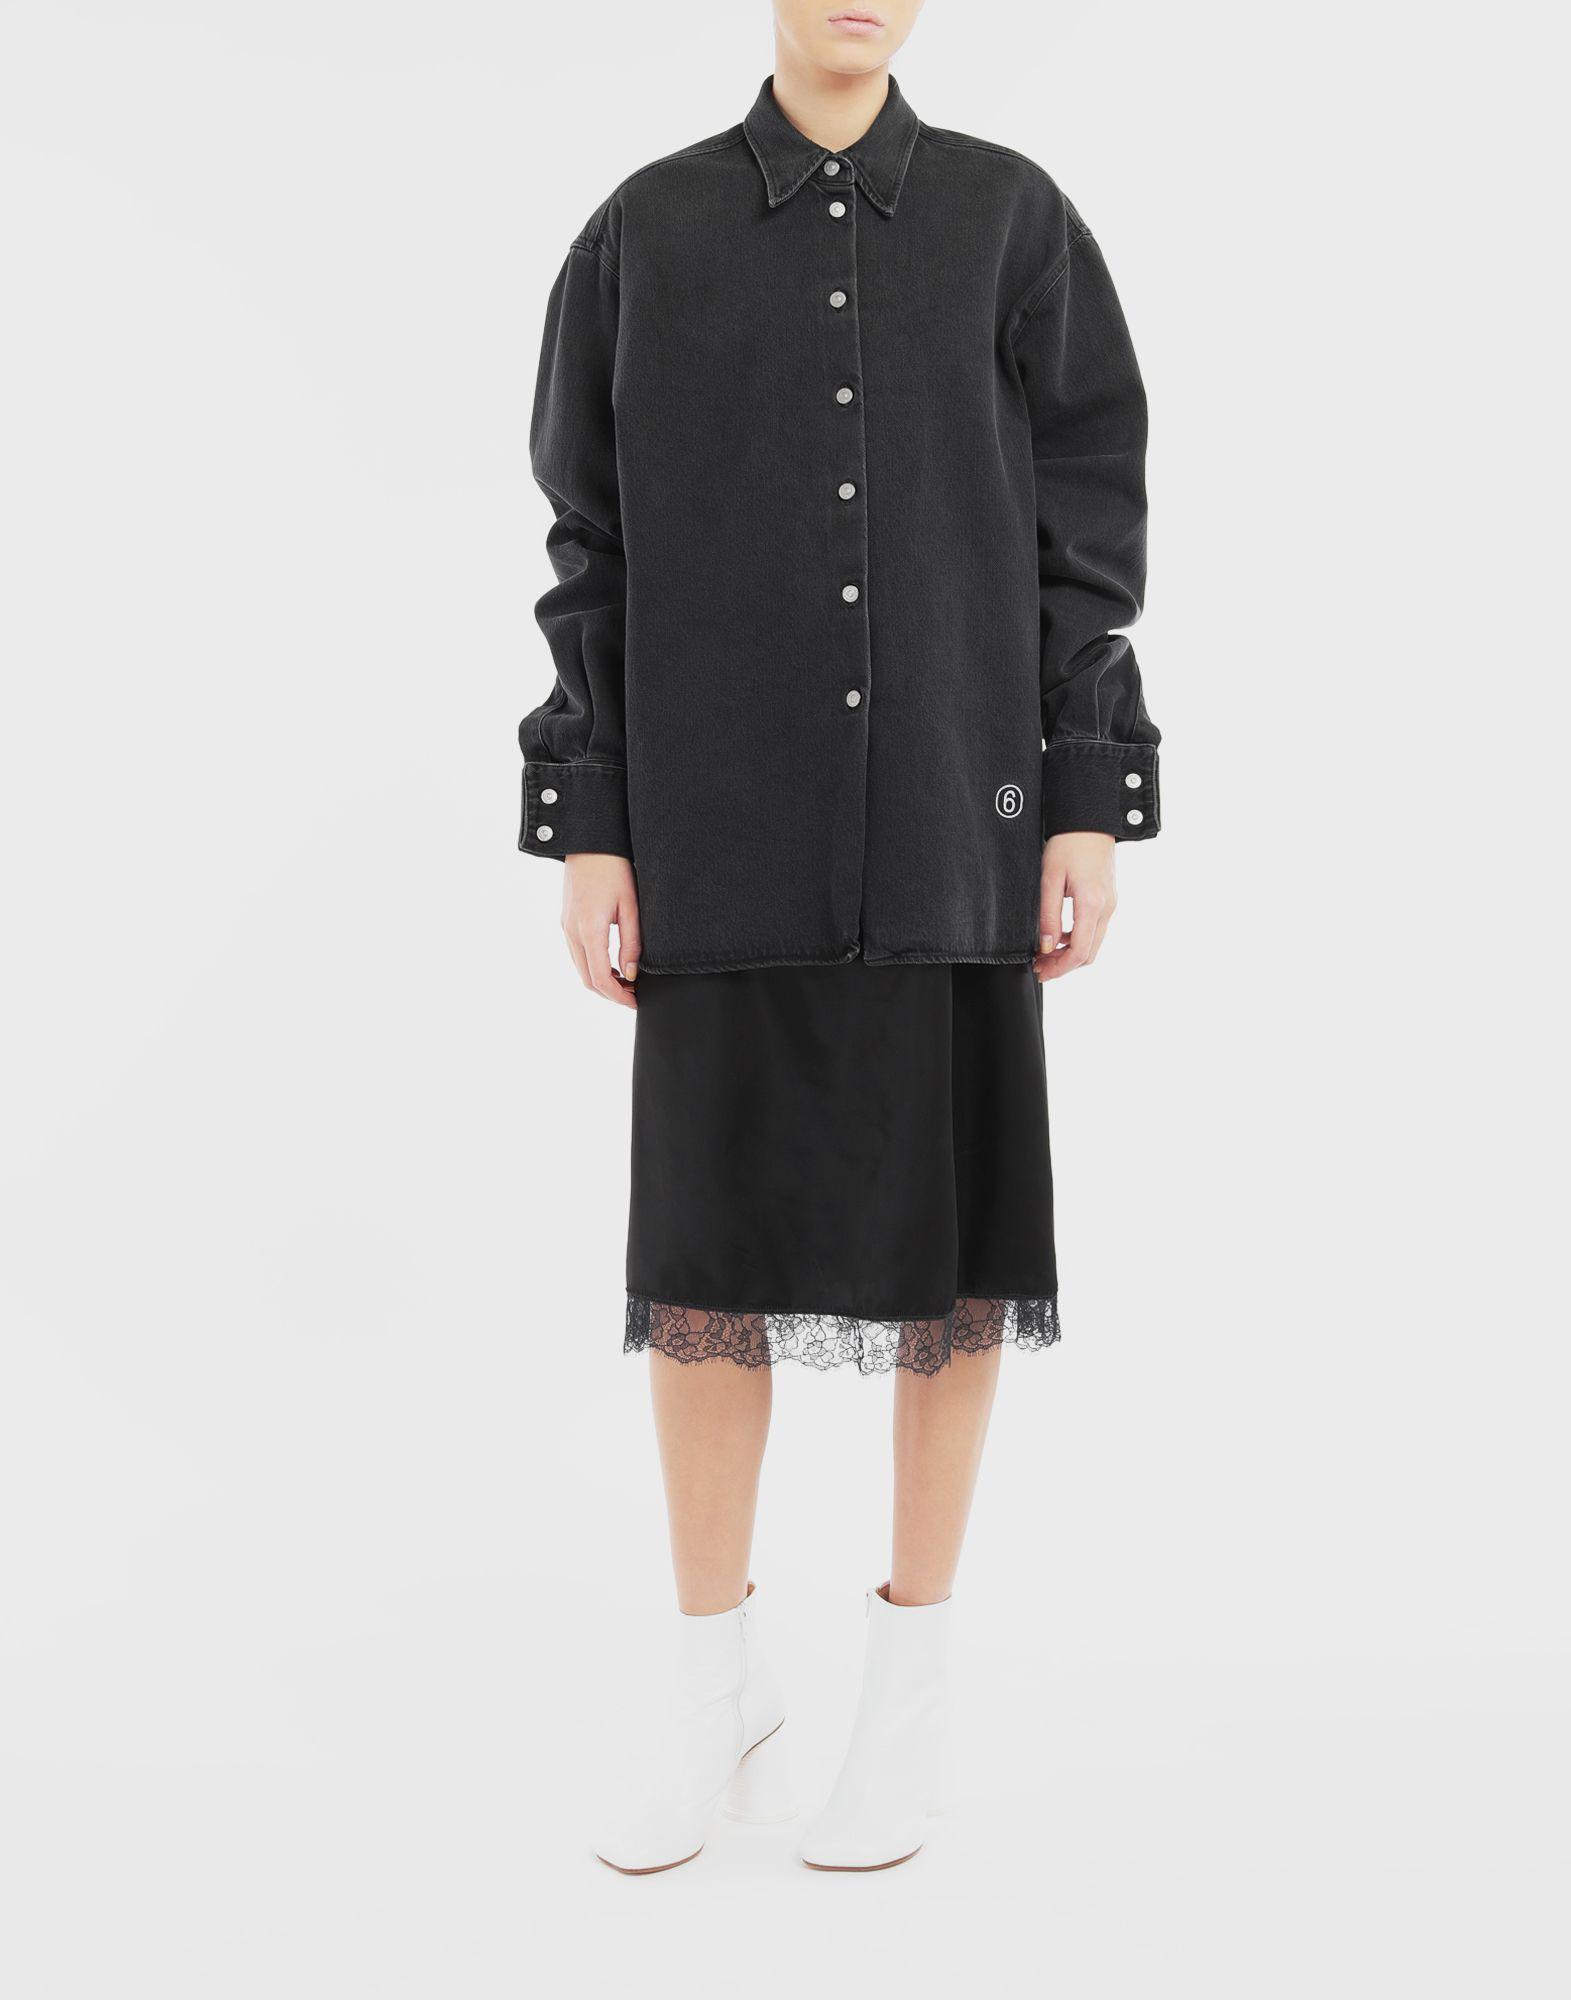 MM6 MAISON MARGIELA Multi-wear spliced shirt-dress Dress Woman r